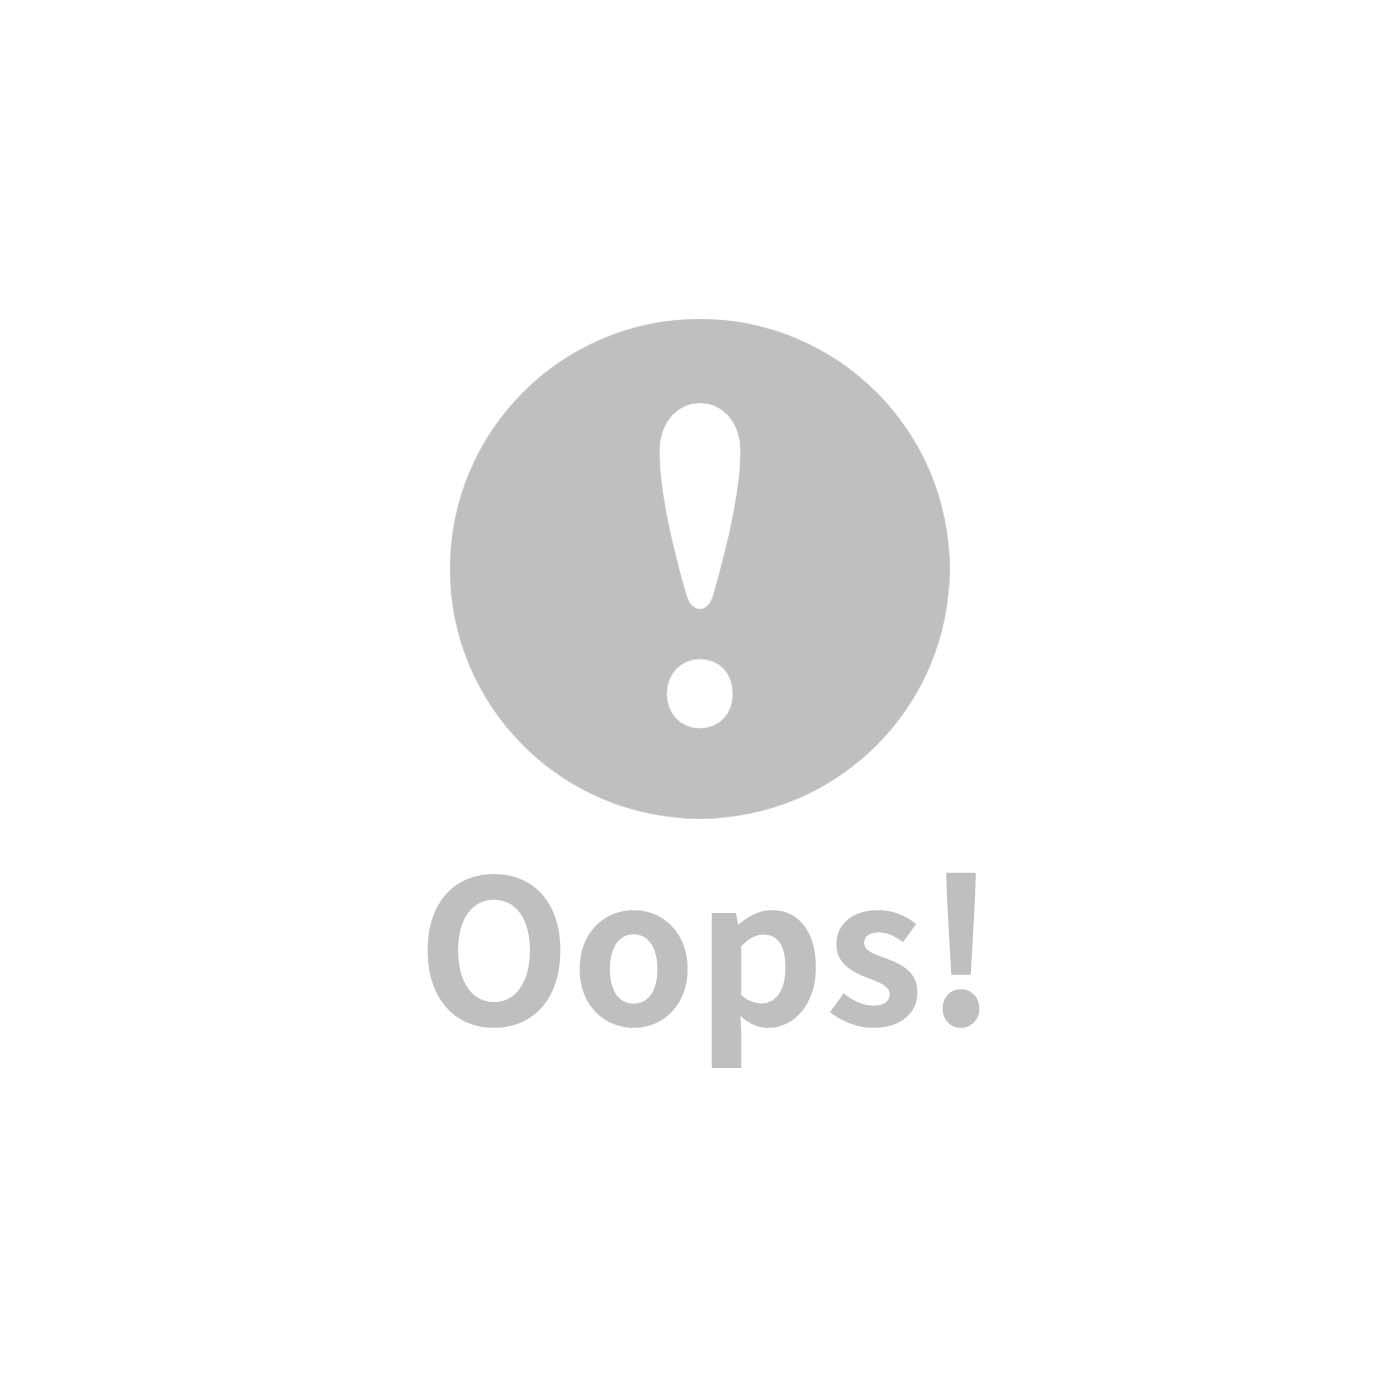 【含送禮提袋】Soopsori全腦開發‧原粹木積木(多米諾骨牌)